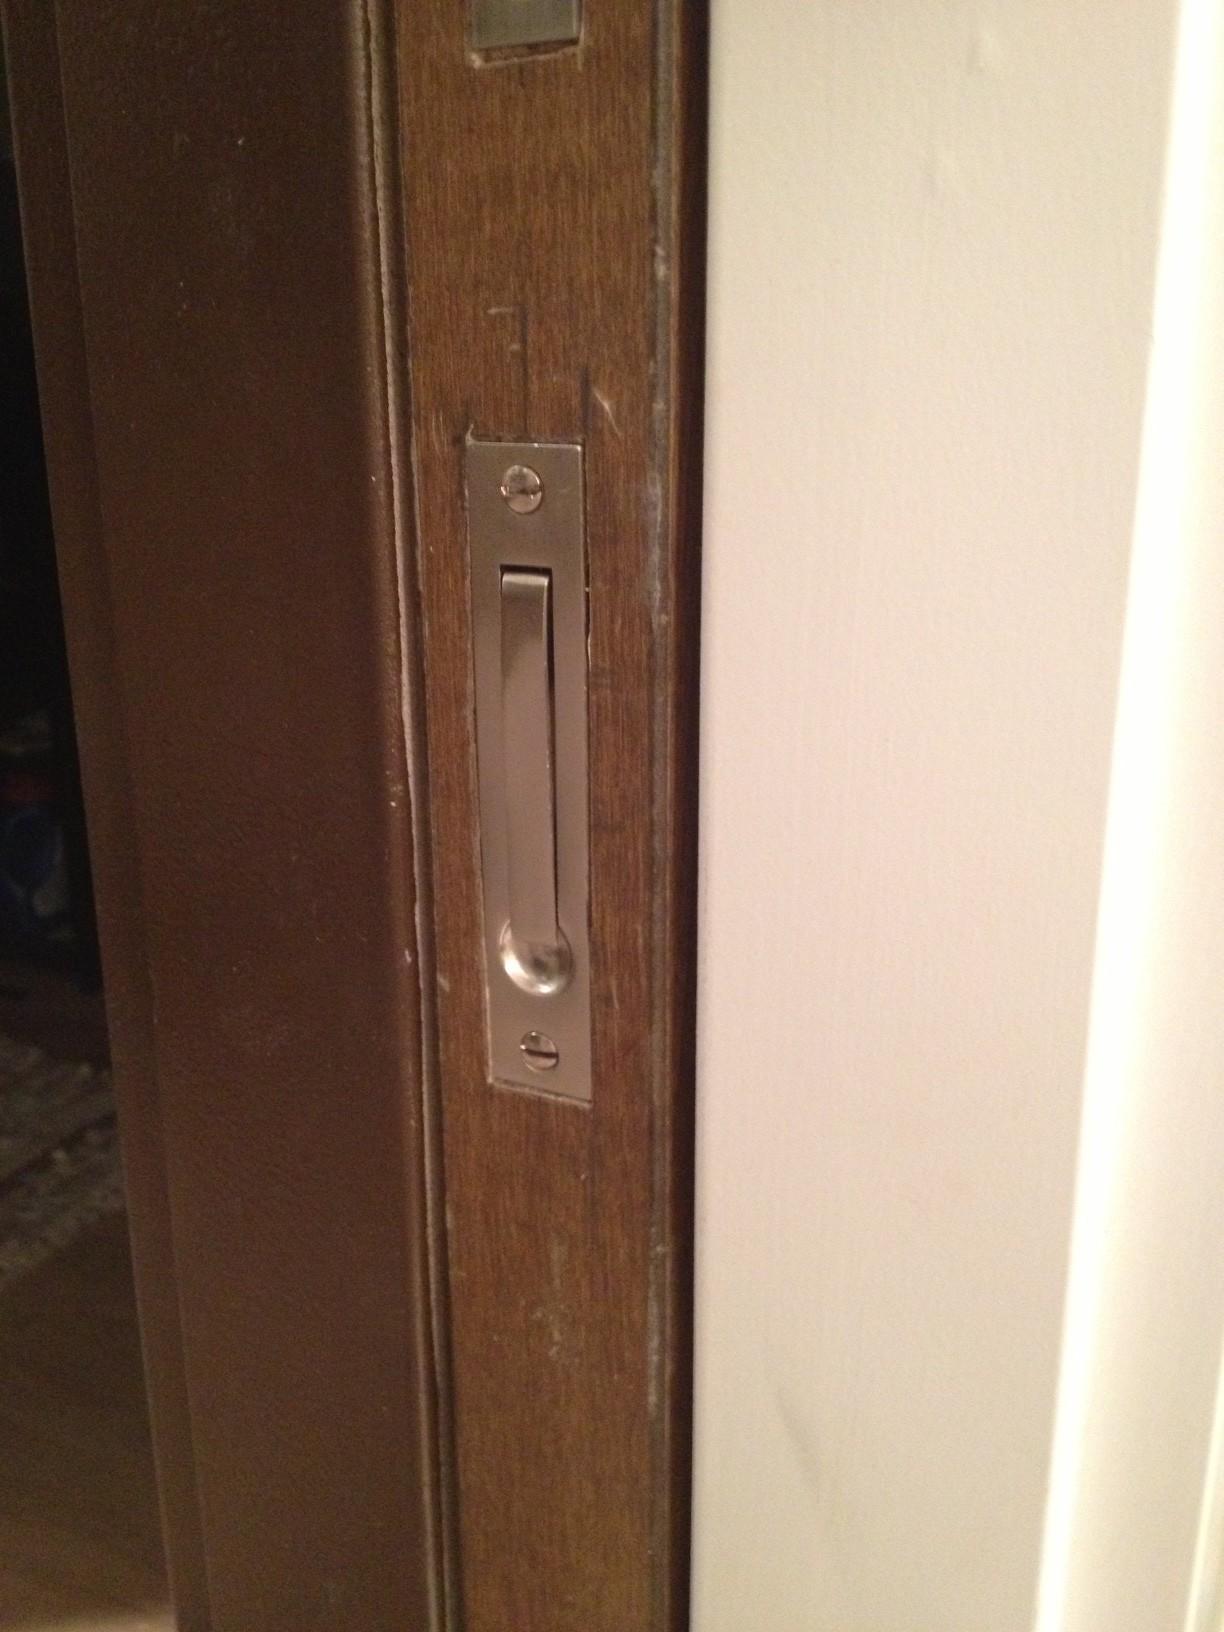 dexter door knob removal photo - 11